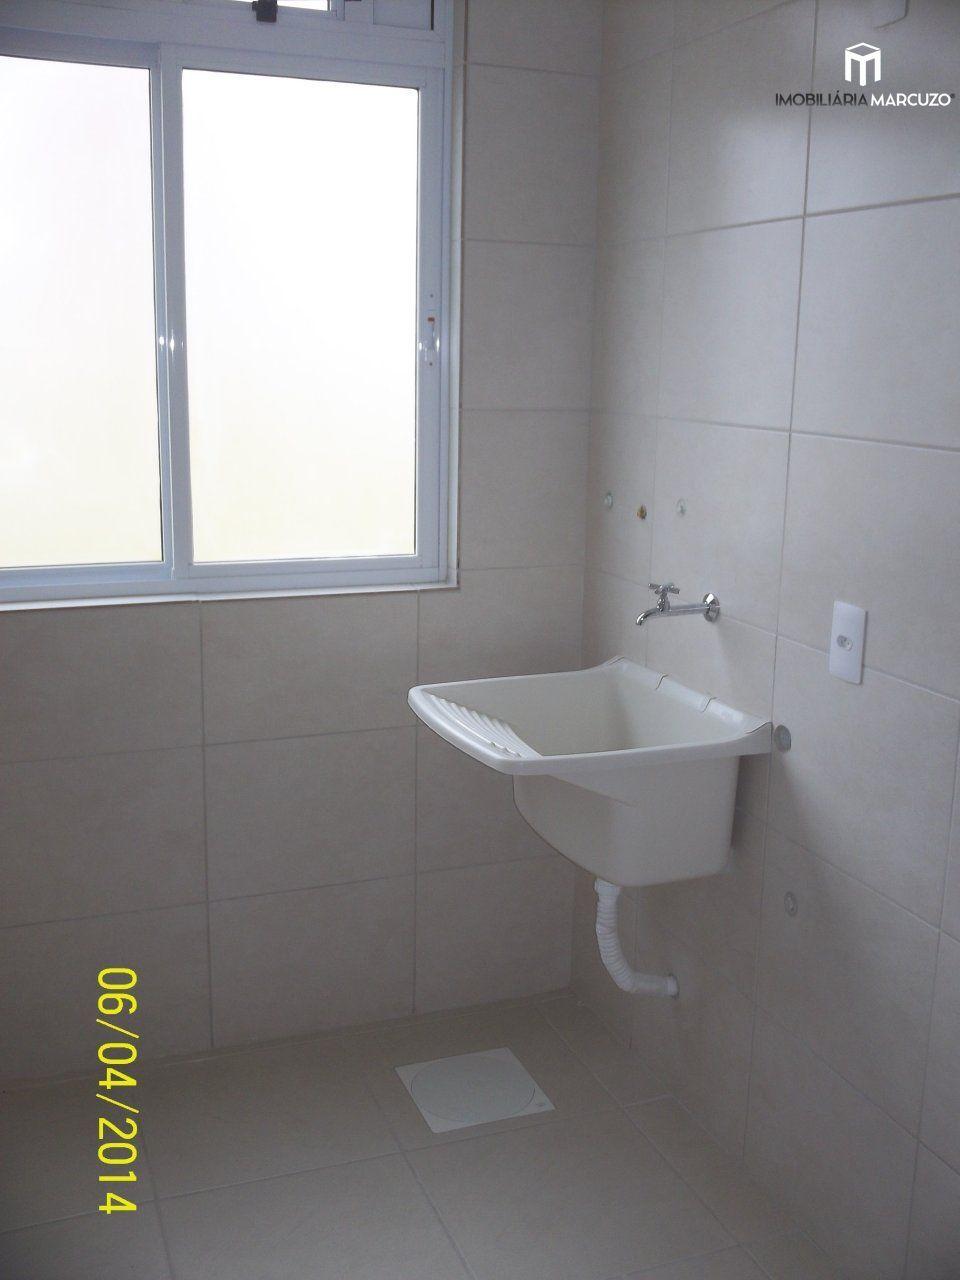 Apartamento com 2 Dormitórios à venda, 73 m² por R$ 280.000,00